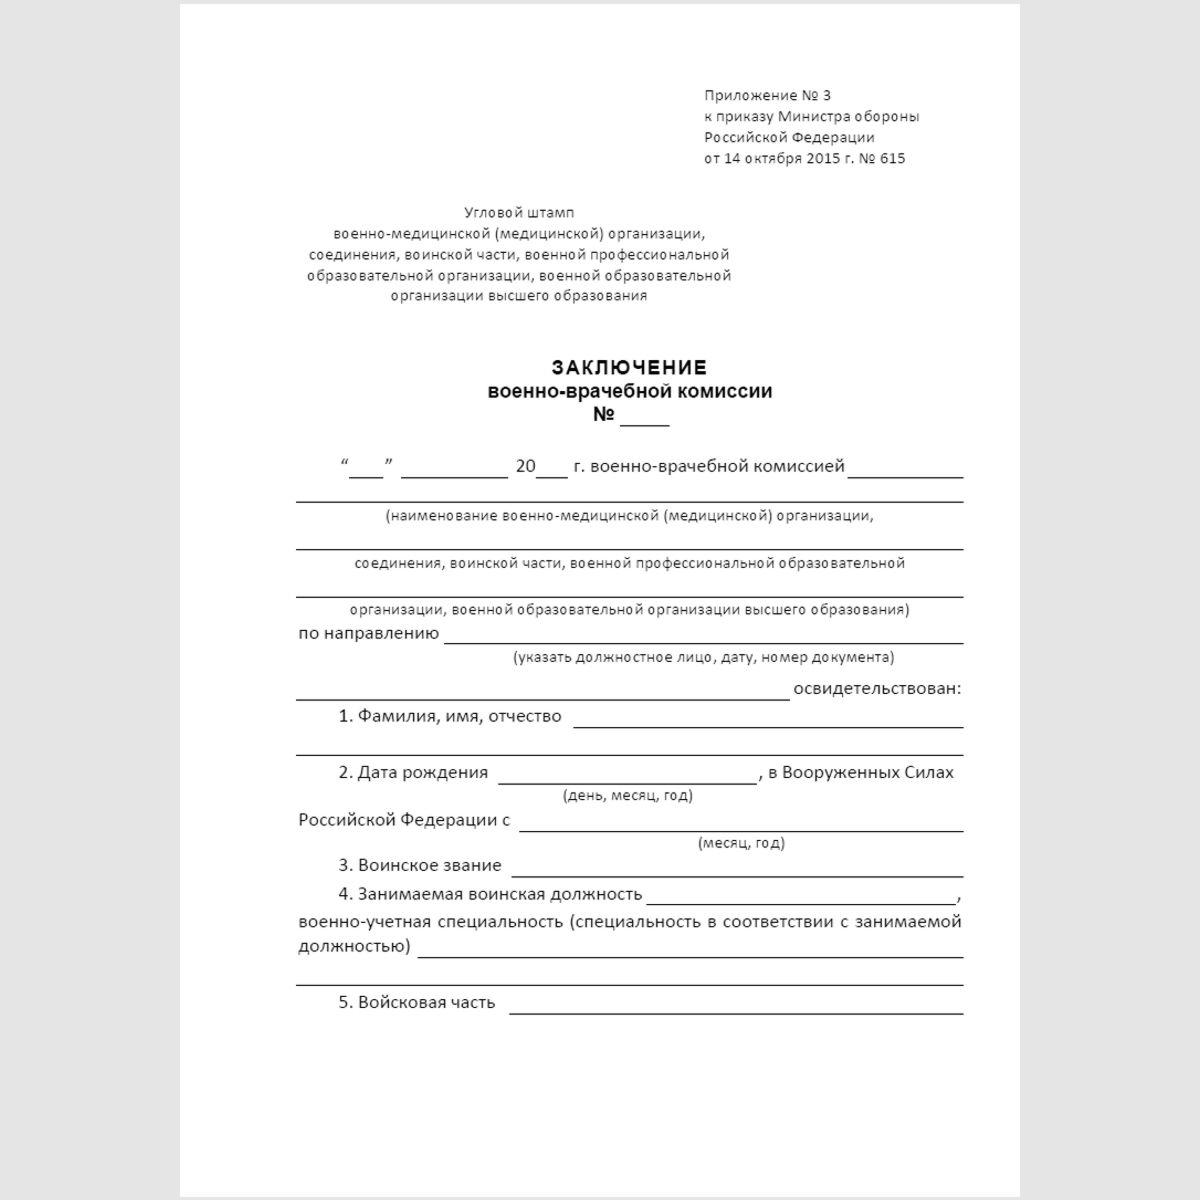 """Форма """"Заключение военно-врачебной комиссии"""". Стр. 1"""